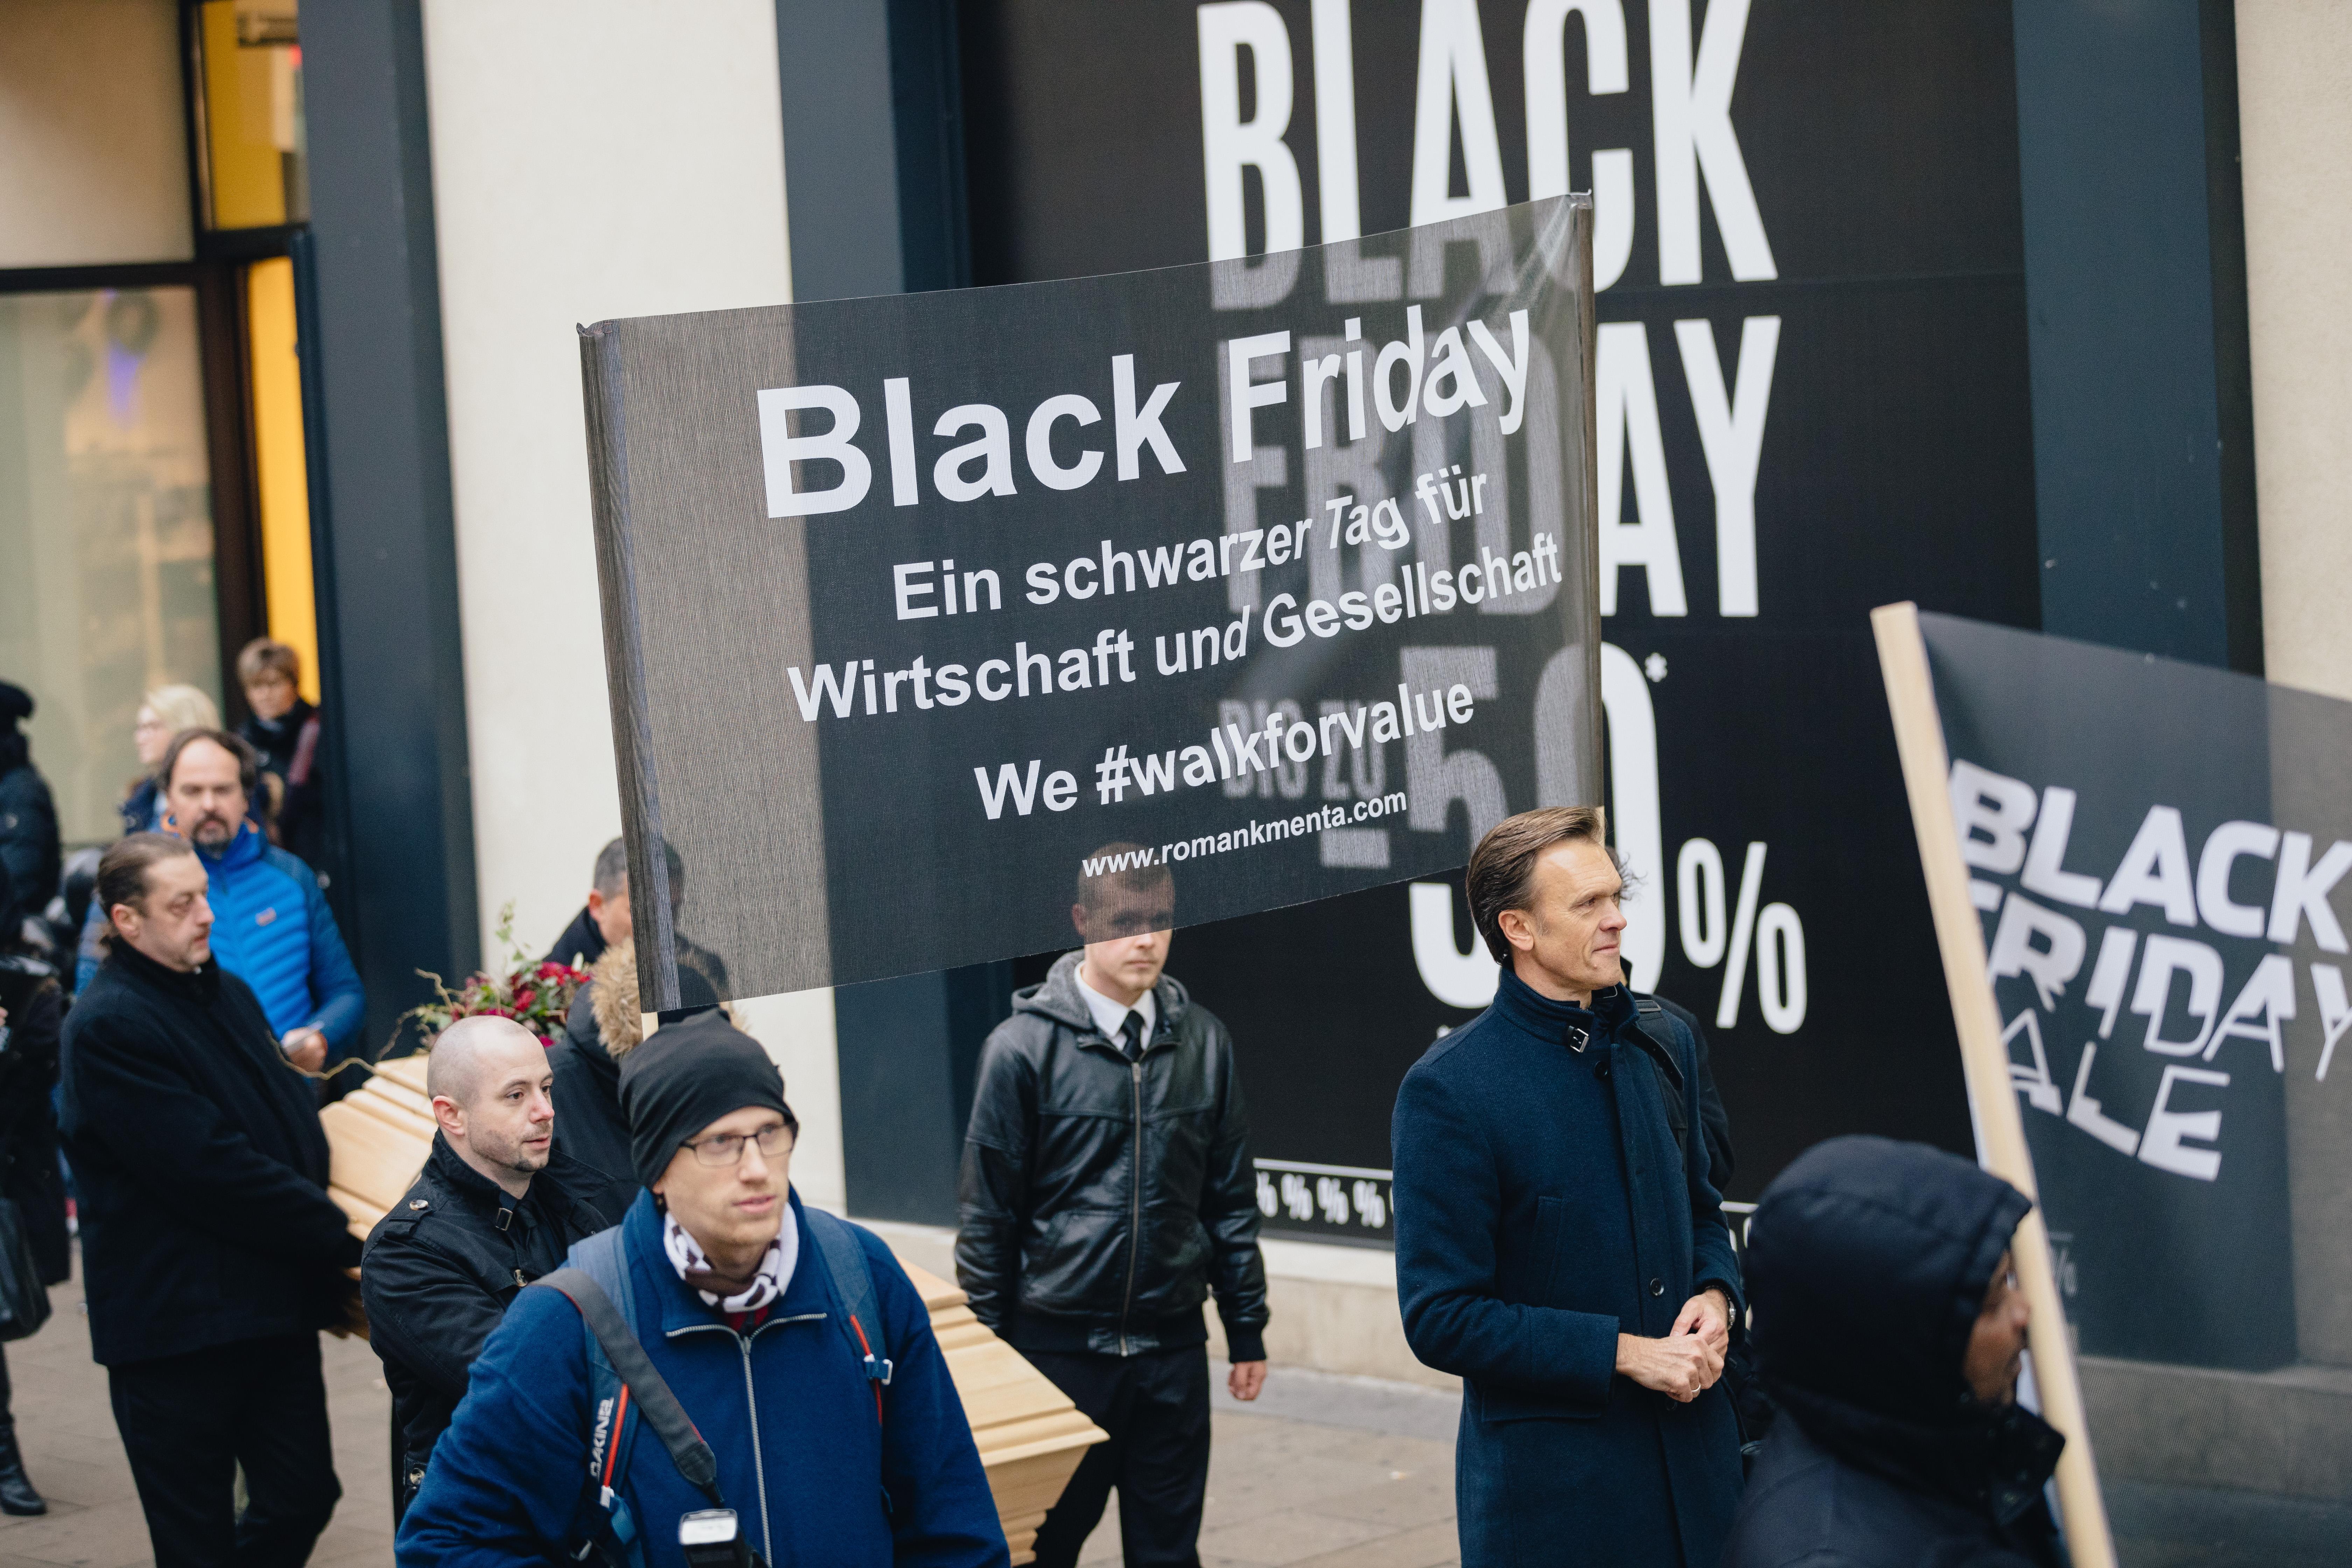 Wirtschaftsexperte Mag. Roman Kmenta - Black Friday 2018